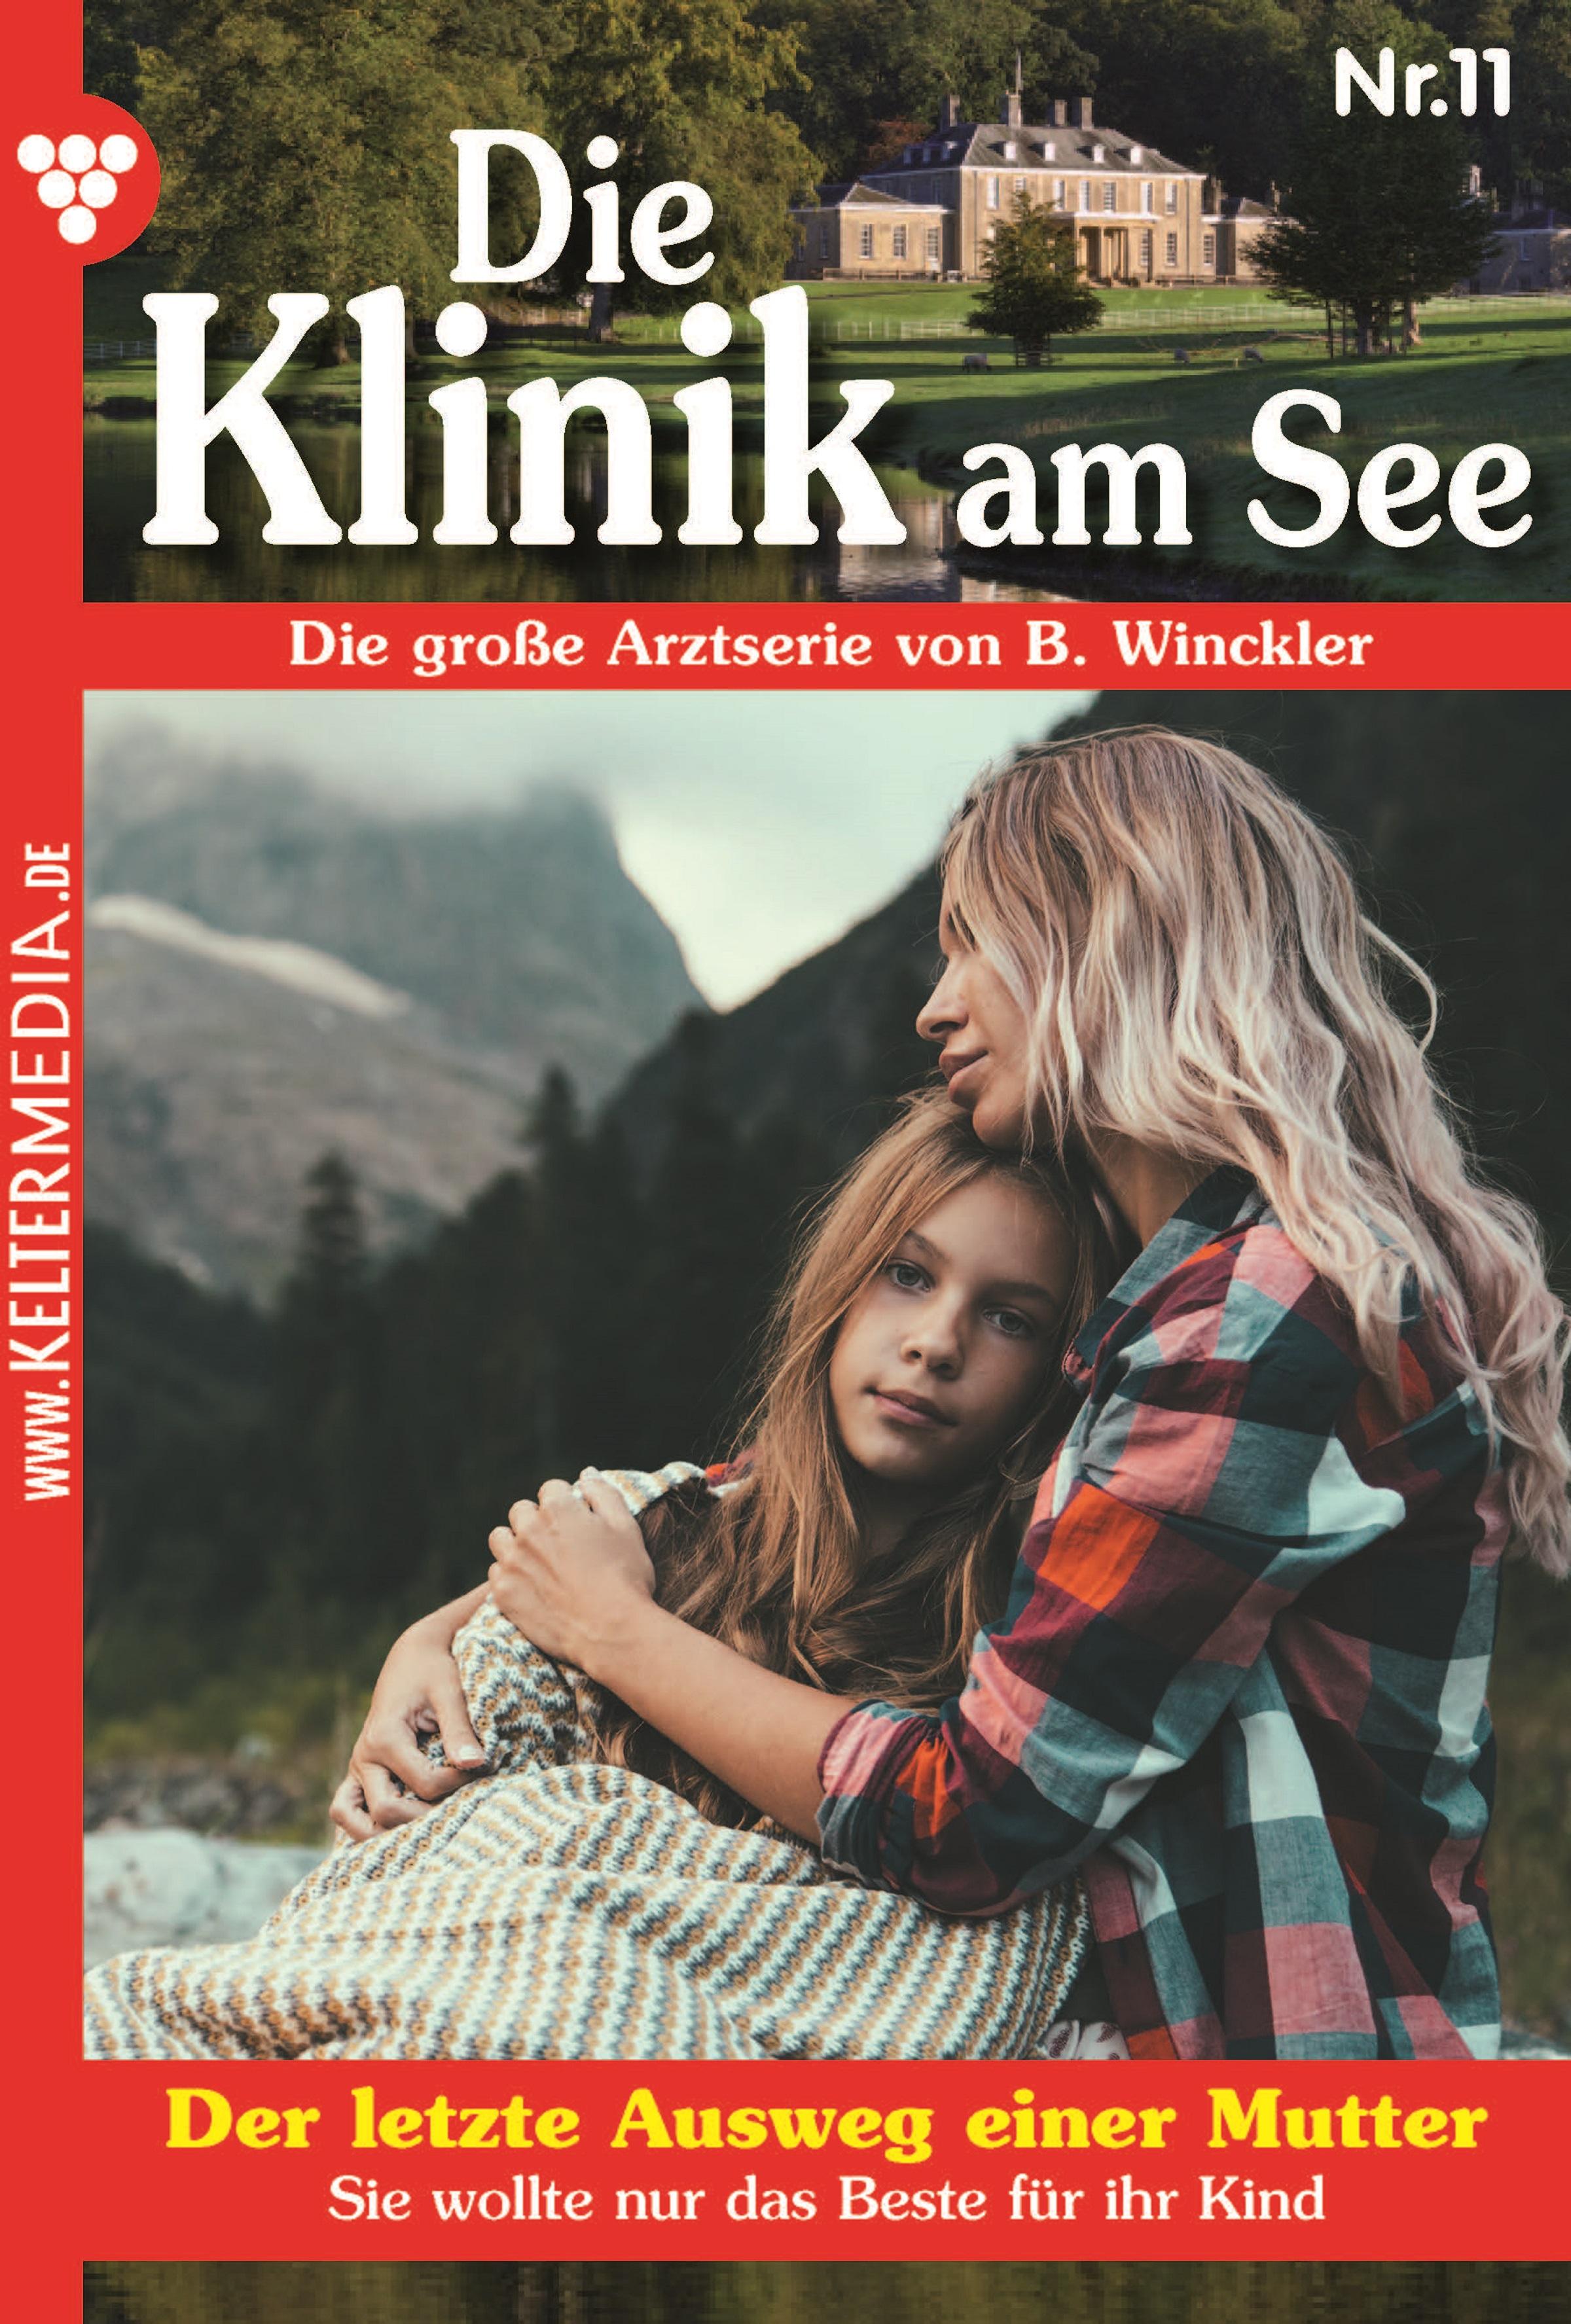 Britta Winckler Die Klinik am See 11 – Arztroman b winckler die klinik am see 19 – arztroman